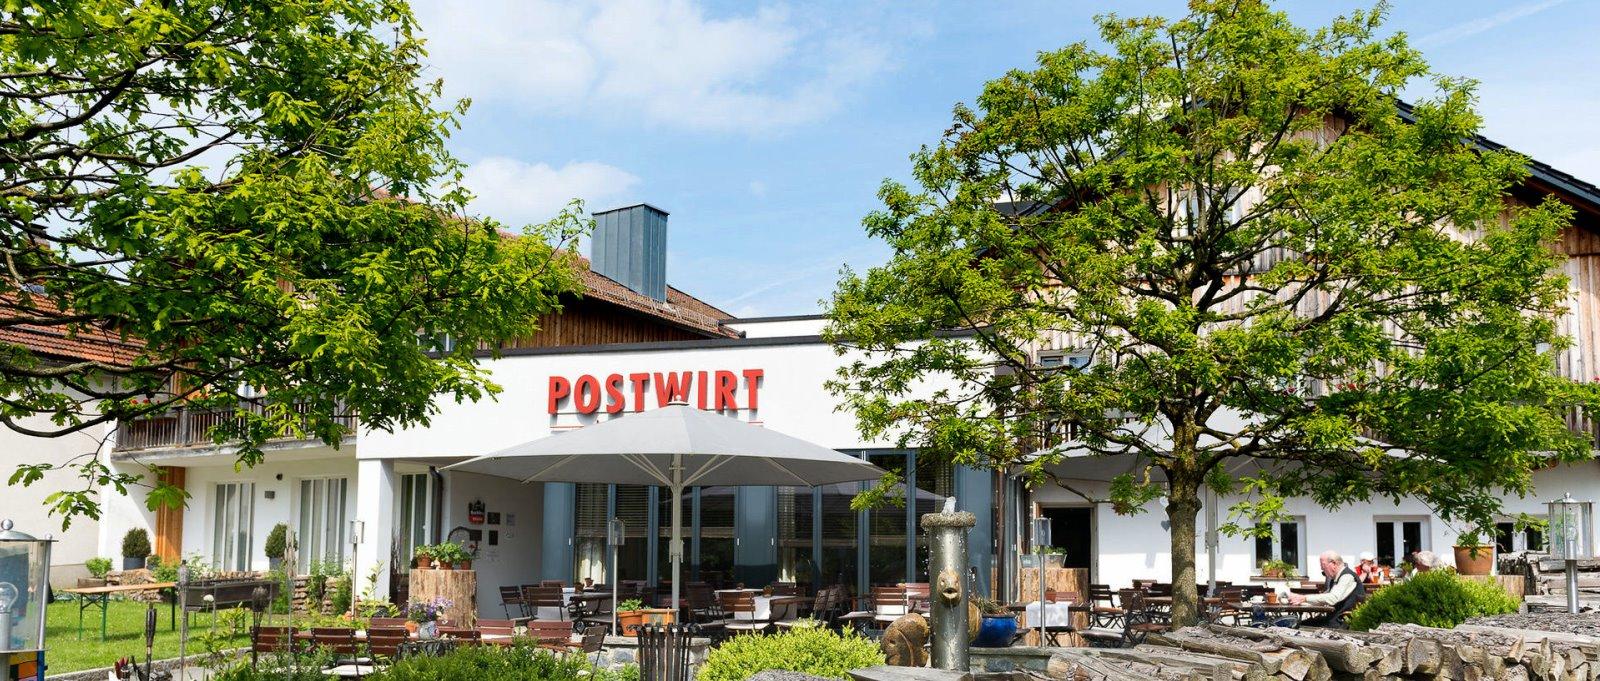 Landhotel Postwirt in Grafenau am Nationalpark Bayerischer Wald